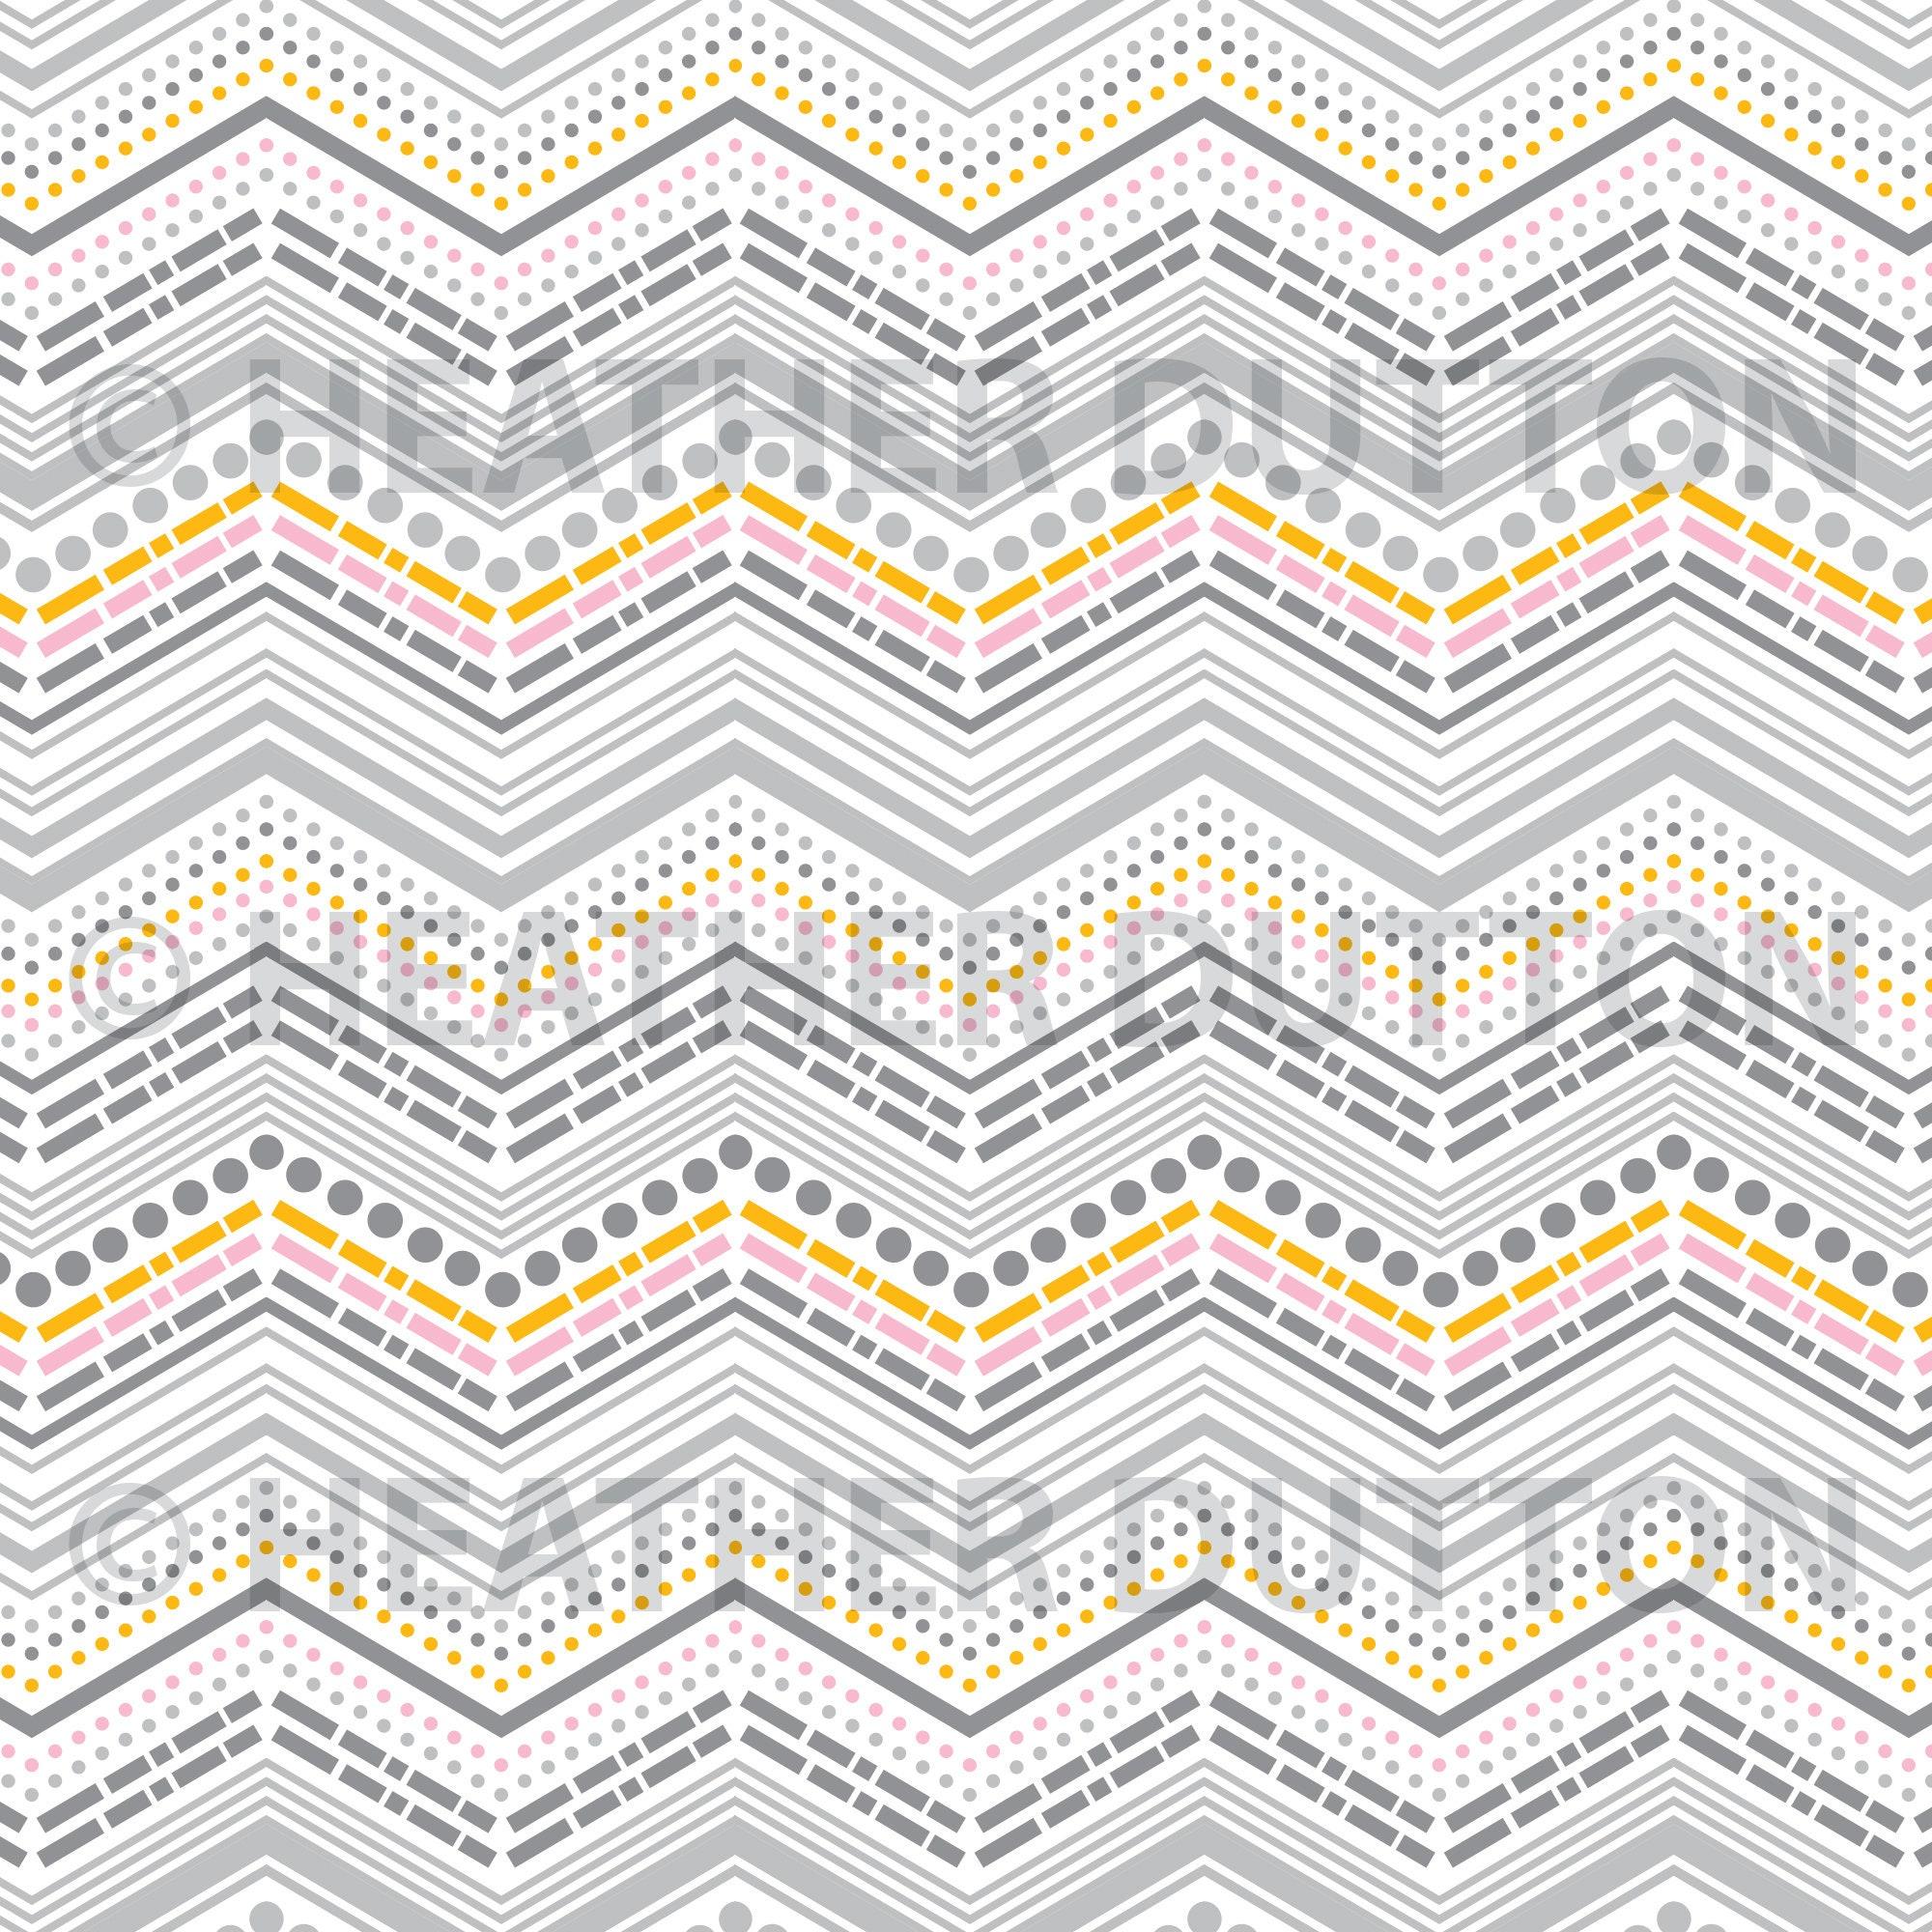 Couverture de couette Chevron | Couette légère | Twin, Queen, King Tailles | Literie | Décor maison | Dash et Dot Naples Design | Couverture de couette à rayures